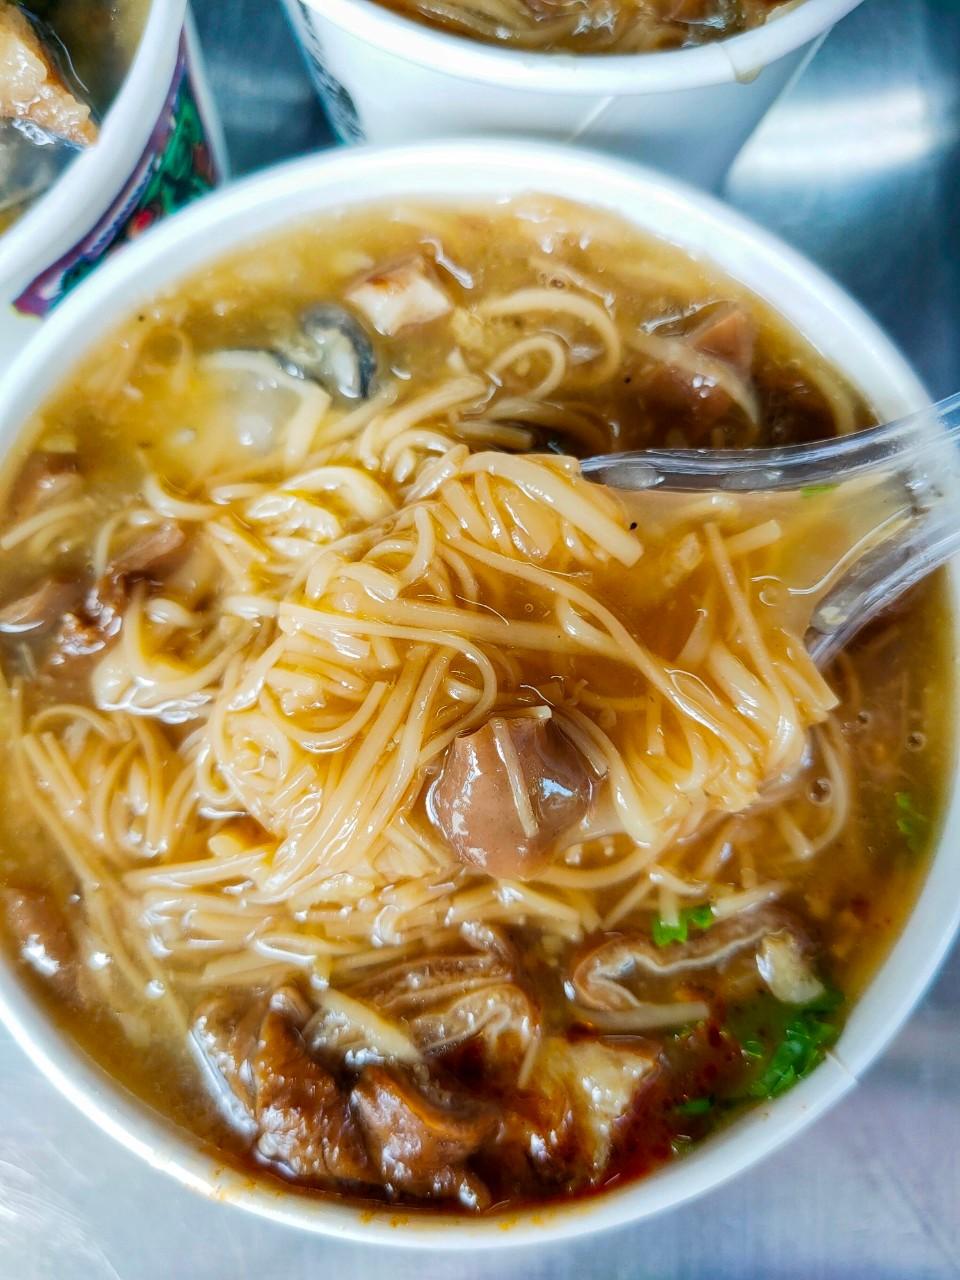 大腸麵線,平鎮小吃,平鎮早午餐,平鎮美食,聯新國際醫院,萬華